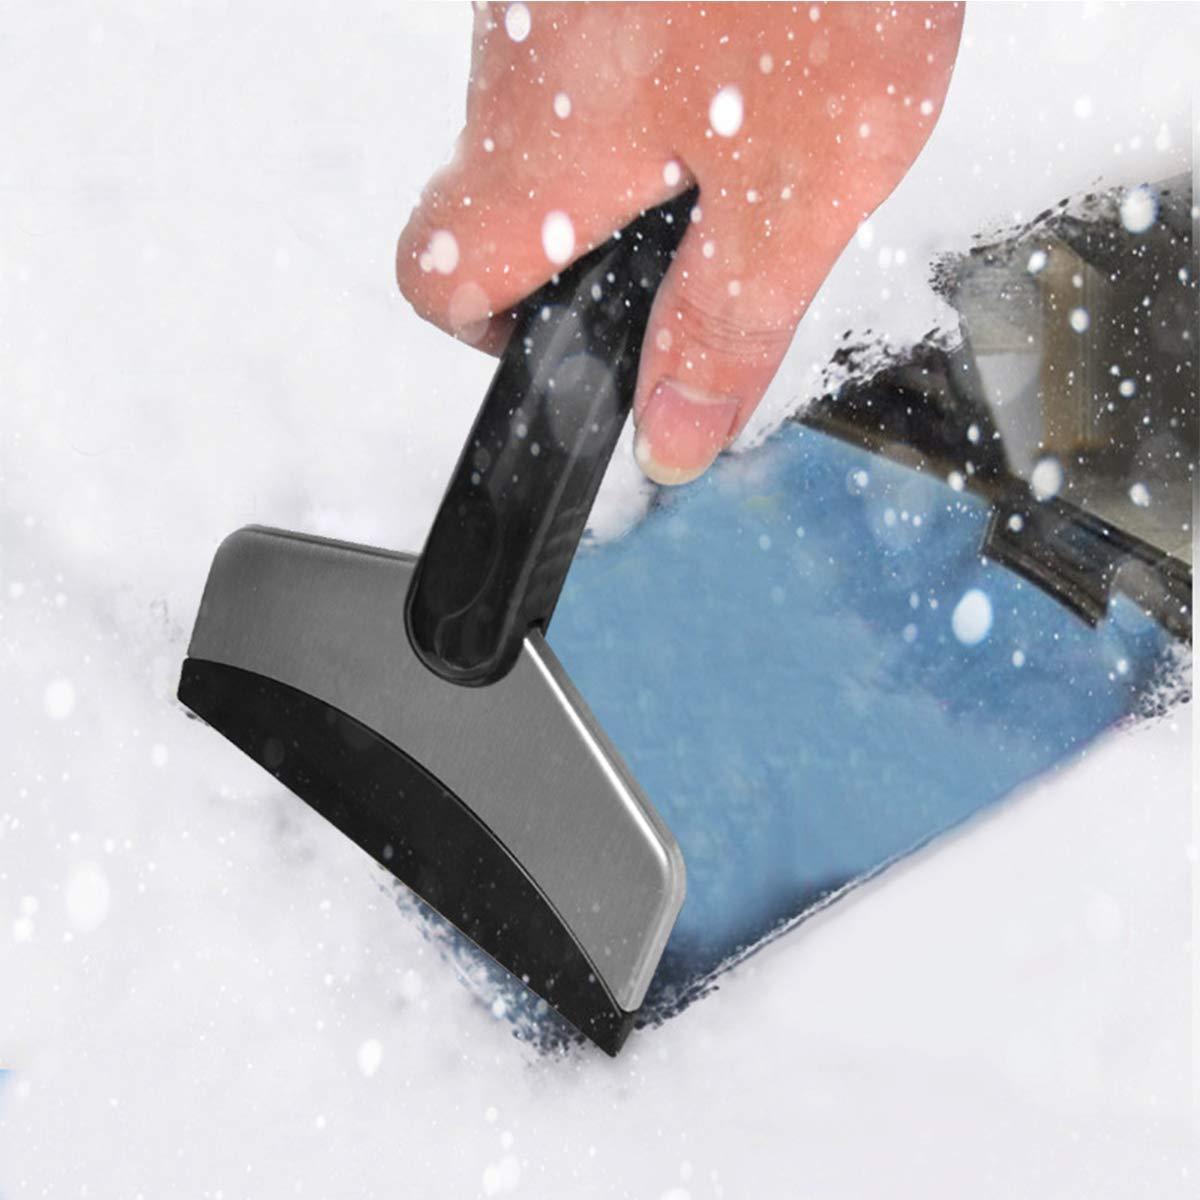 Color Negro ExeQianming Pala de Nieve de Acero Inoxidable para Limpiar Parabrisas de Coche y Ventanas Rascador de Hielo